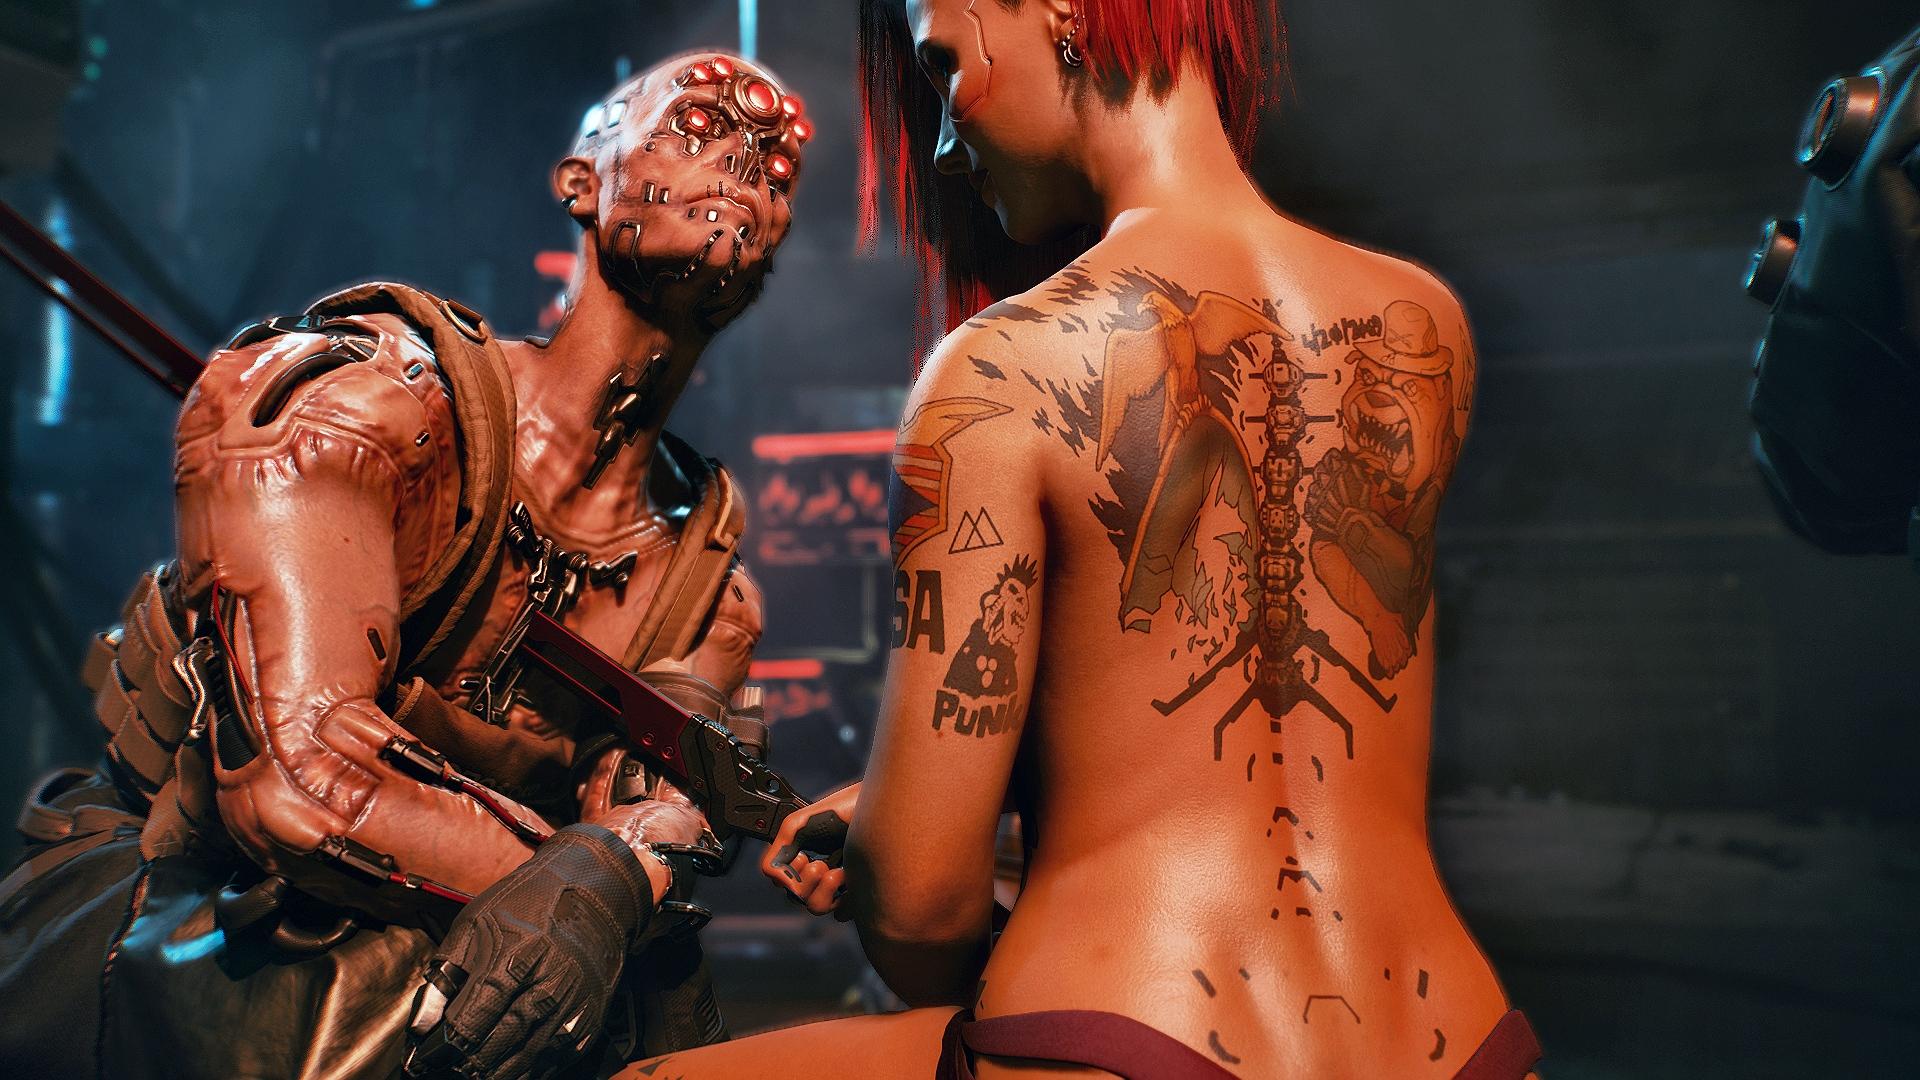 photo144017.jpg - Cyberpunk 2077